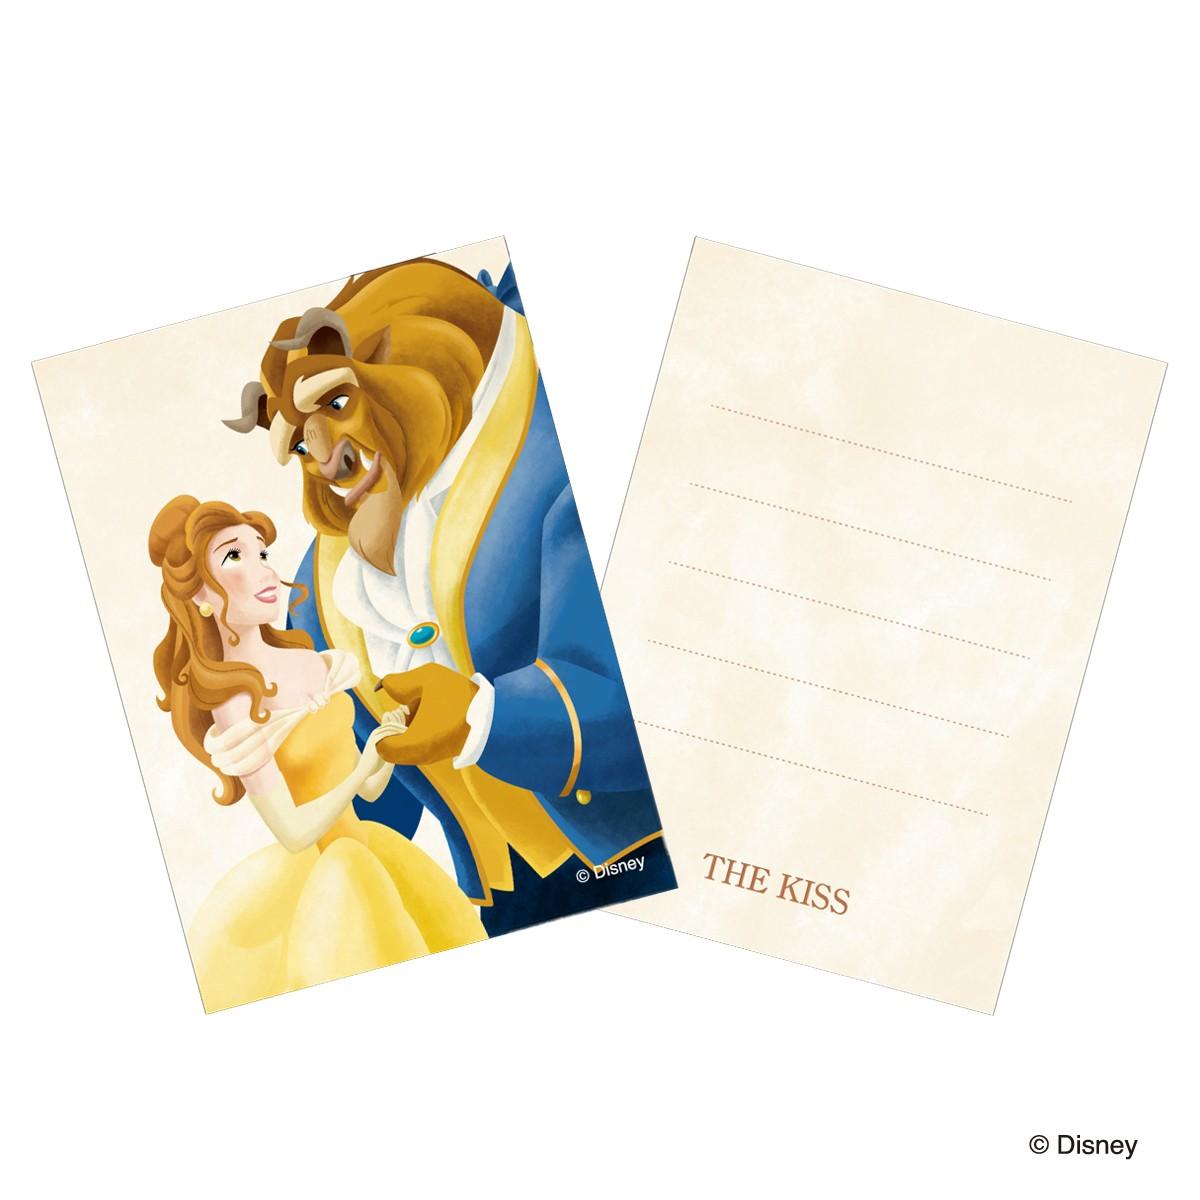 【ディズニー】THE KISS プリンセス ベル ネックレス メンズ 男性 DI-SN706SP 【Disney】